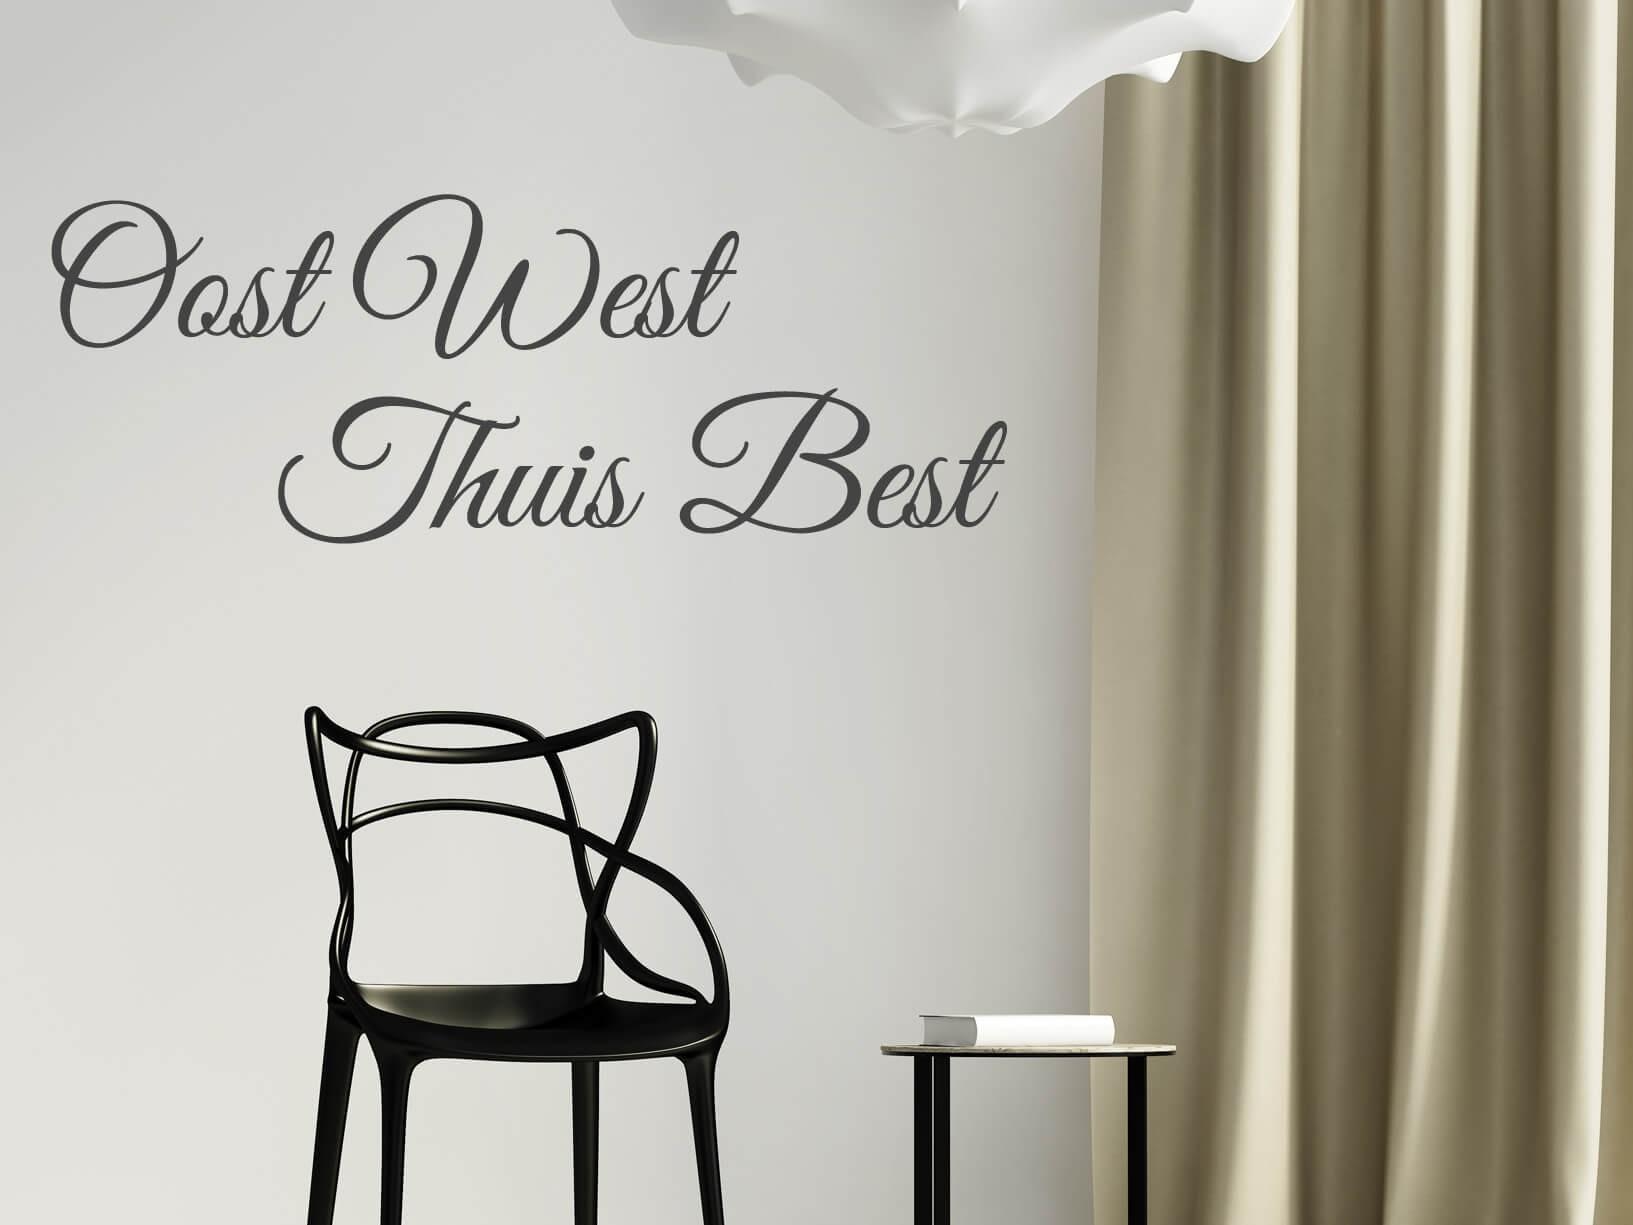 Muursticker oost west thuis best Muurteksten woonkamer